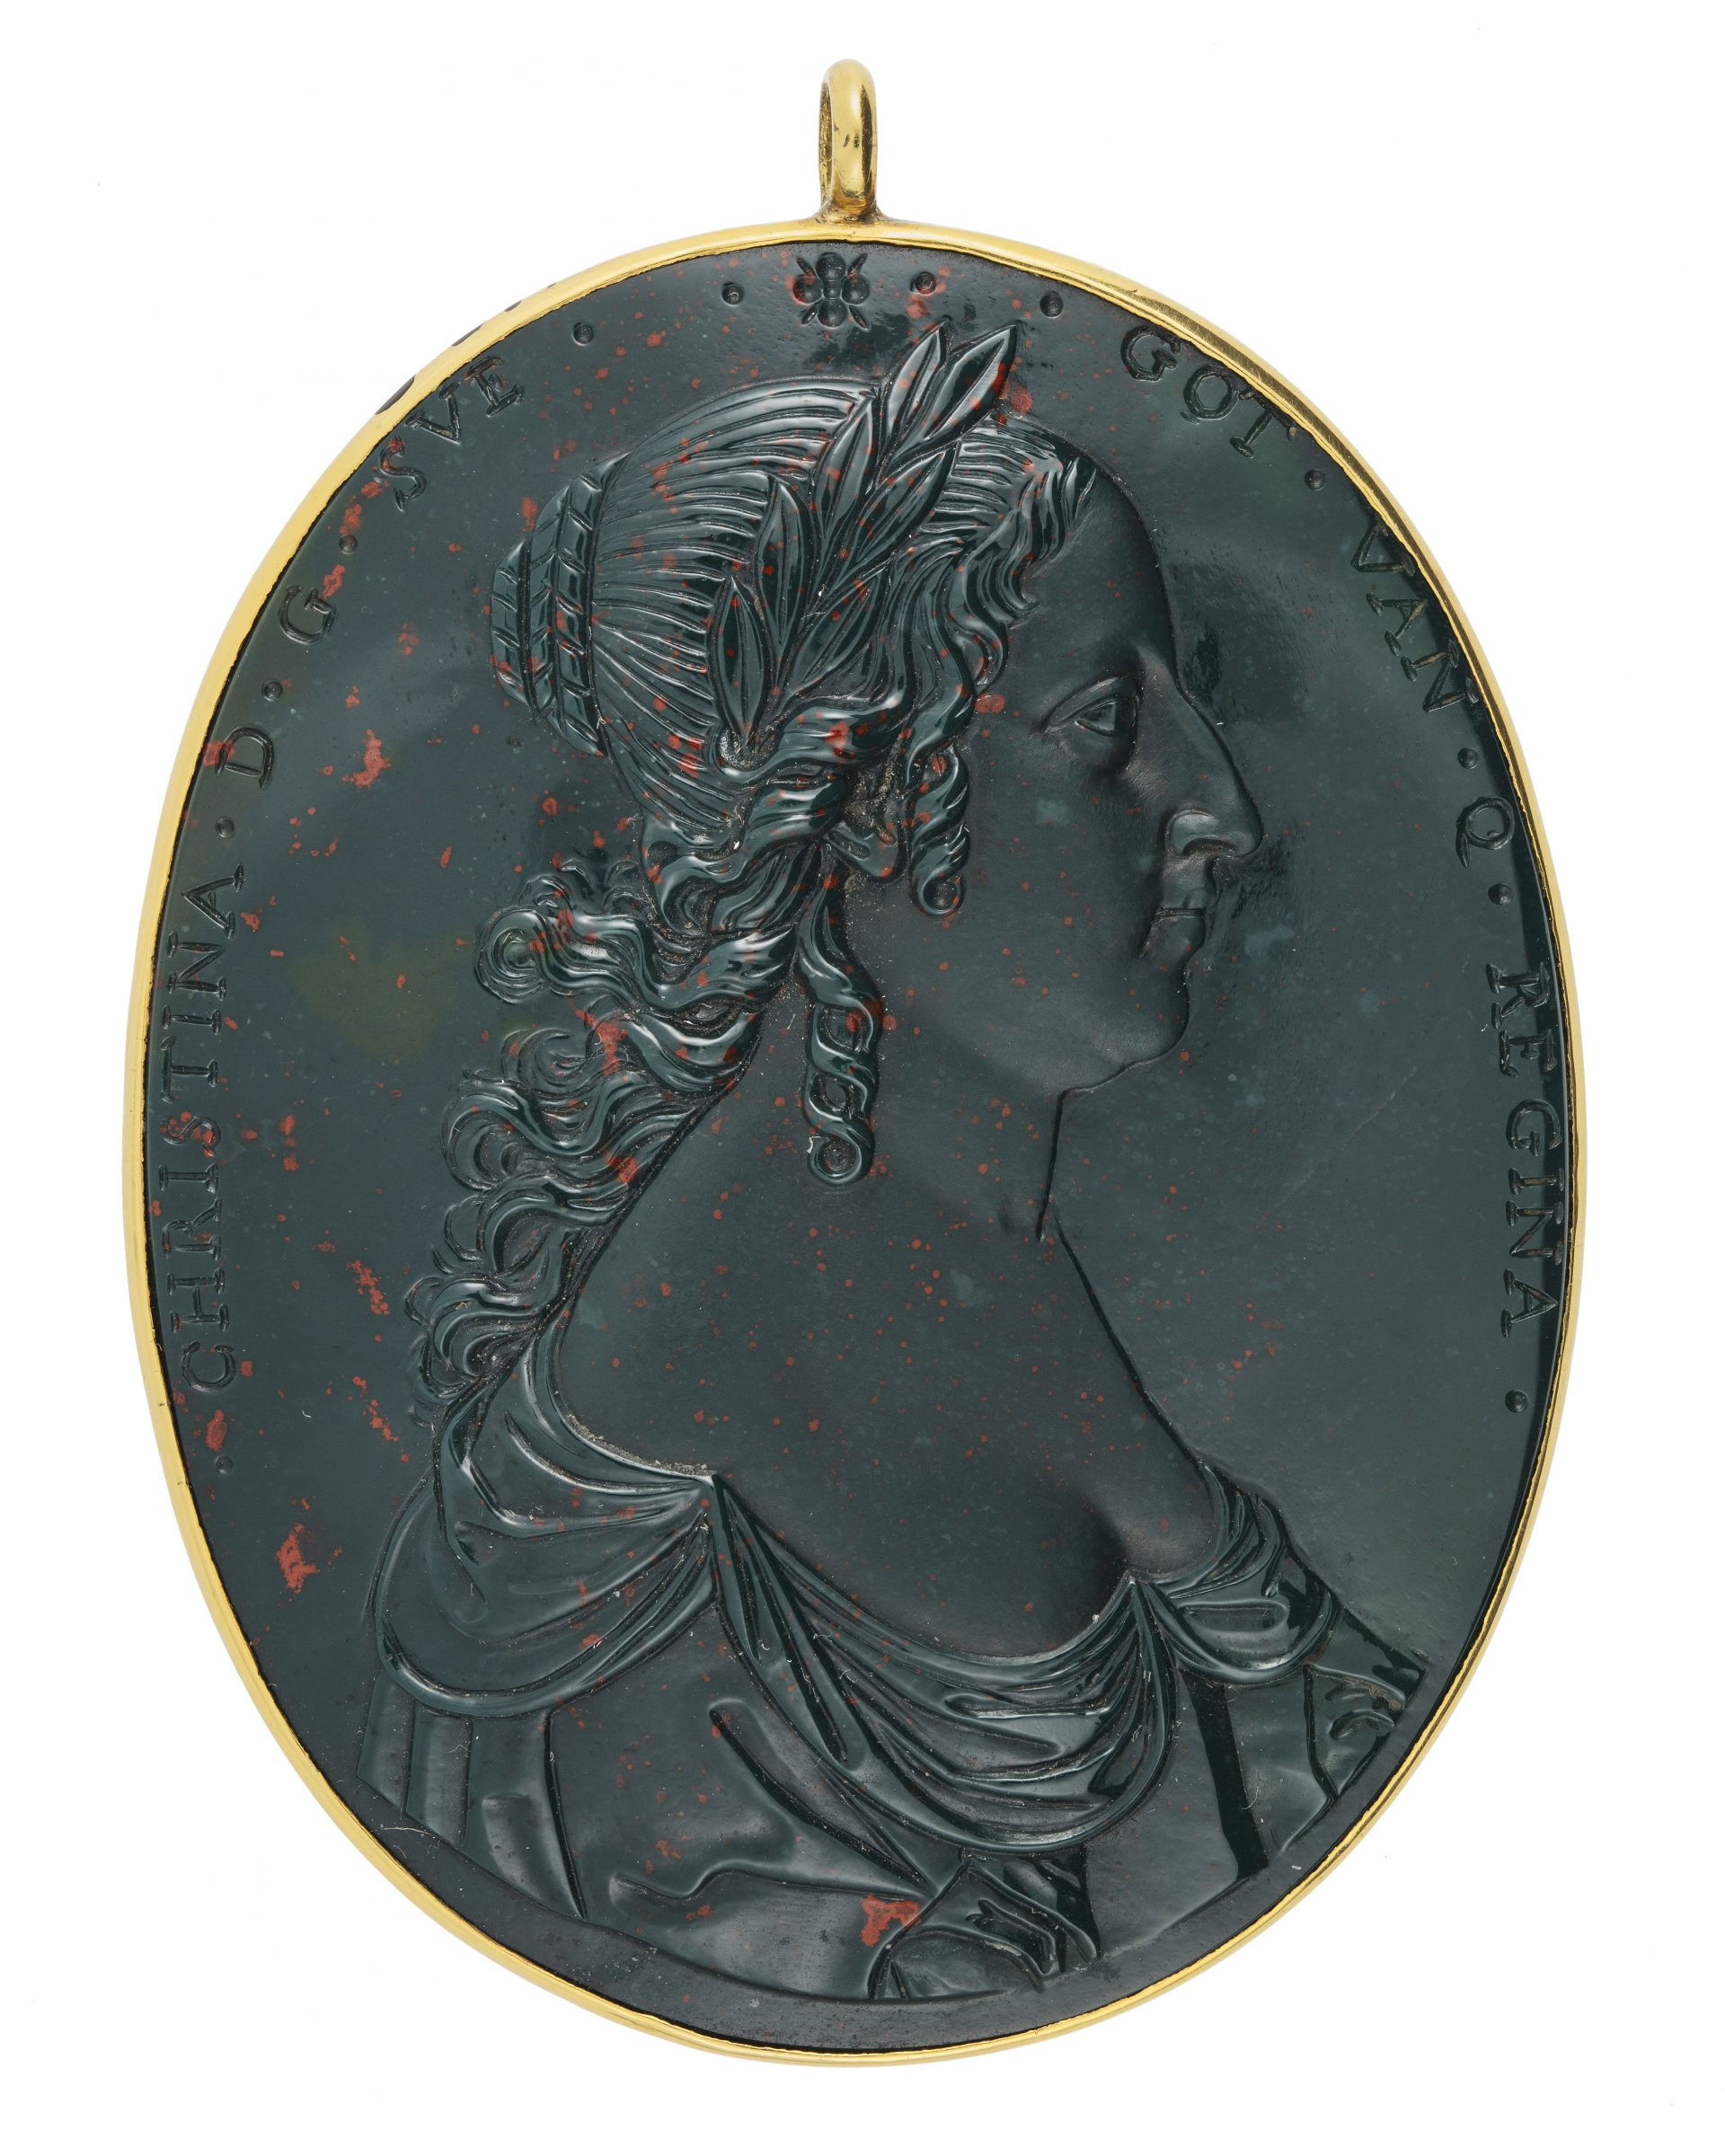 Smycke med profilporträtt av en kvinna. Relief i mörkgrön sten.